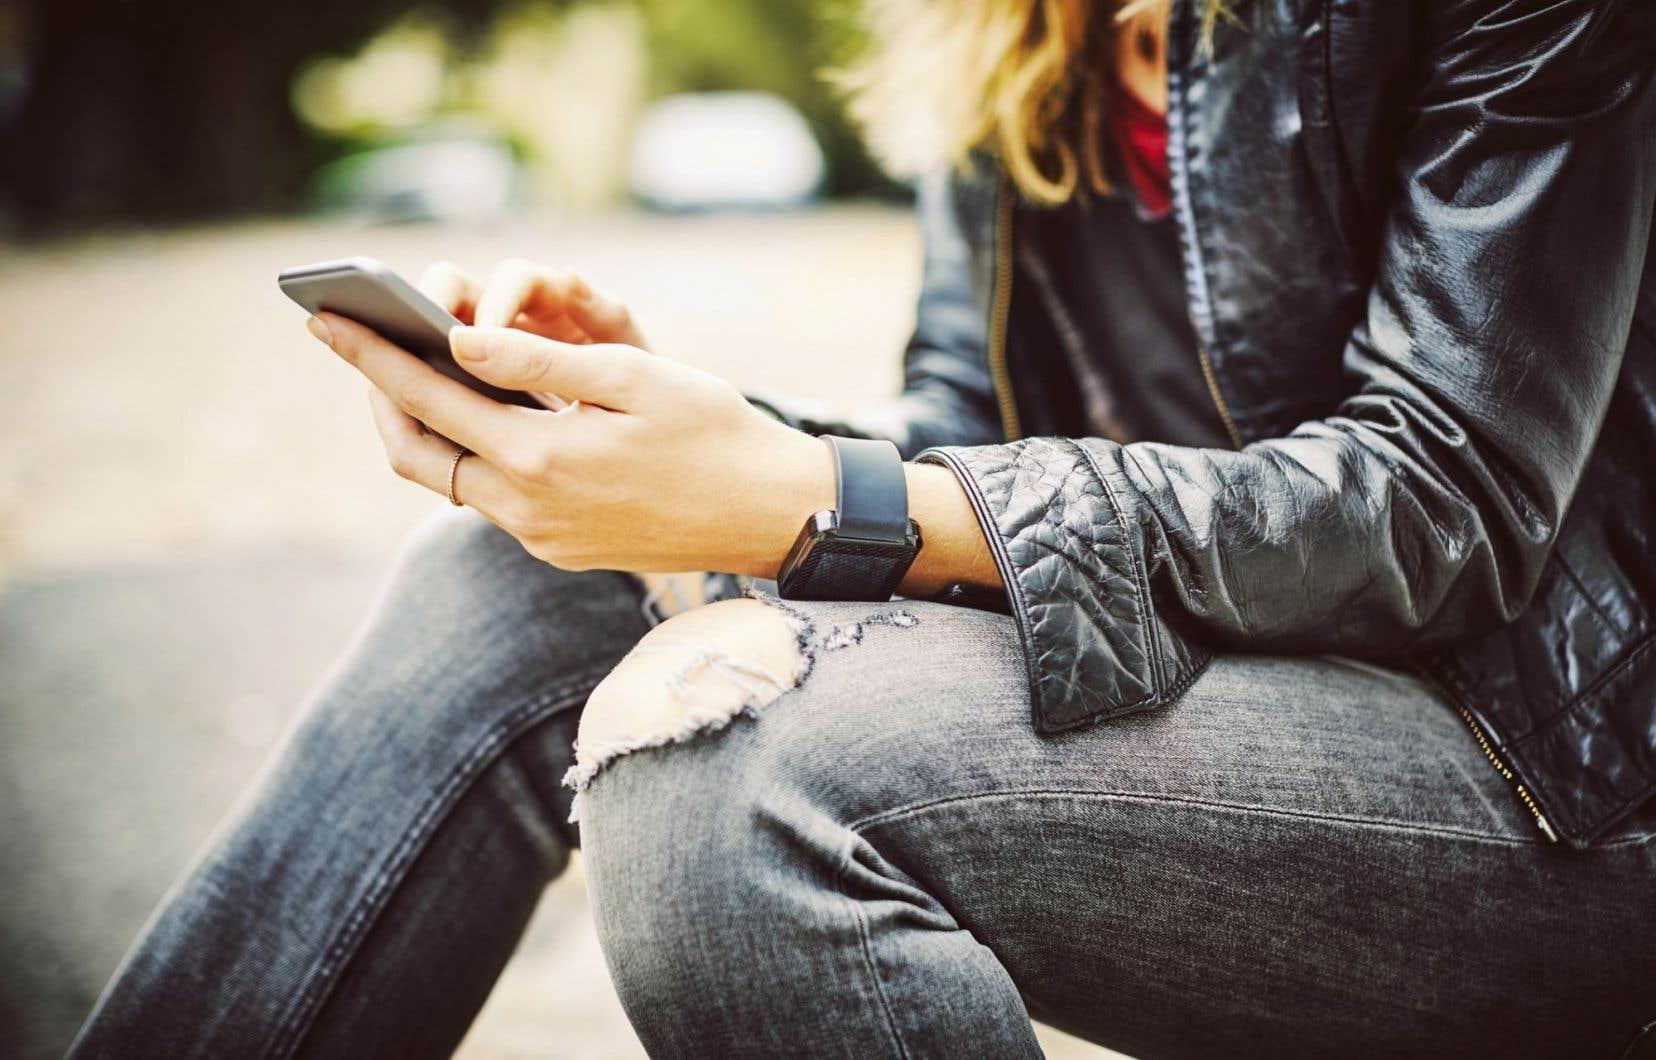 Près de 7 adultes d'ici sur 10 utilisent Internet sur une base hebdomadaire comme source d'information.